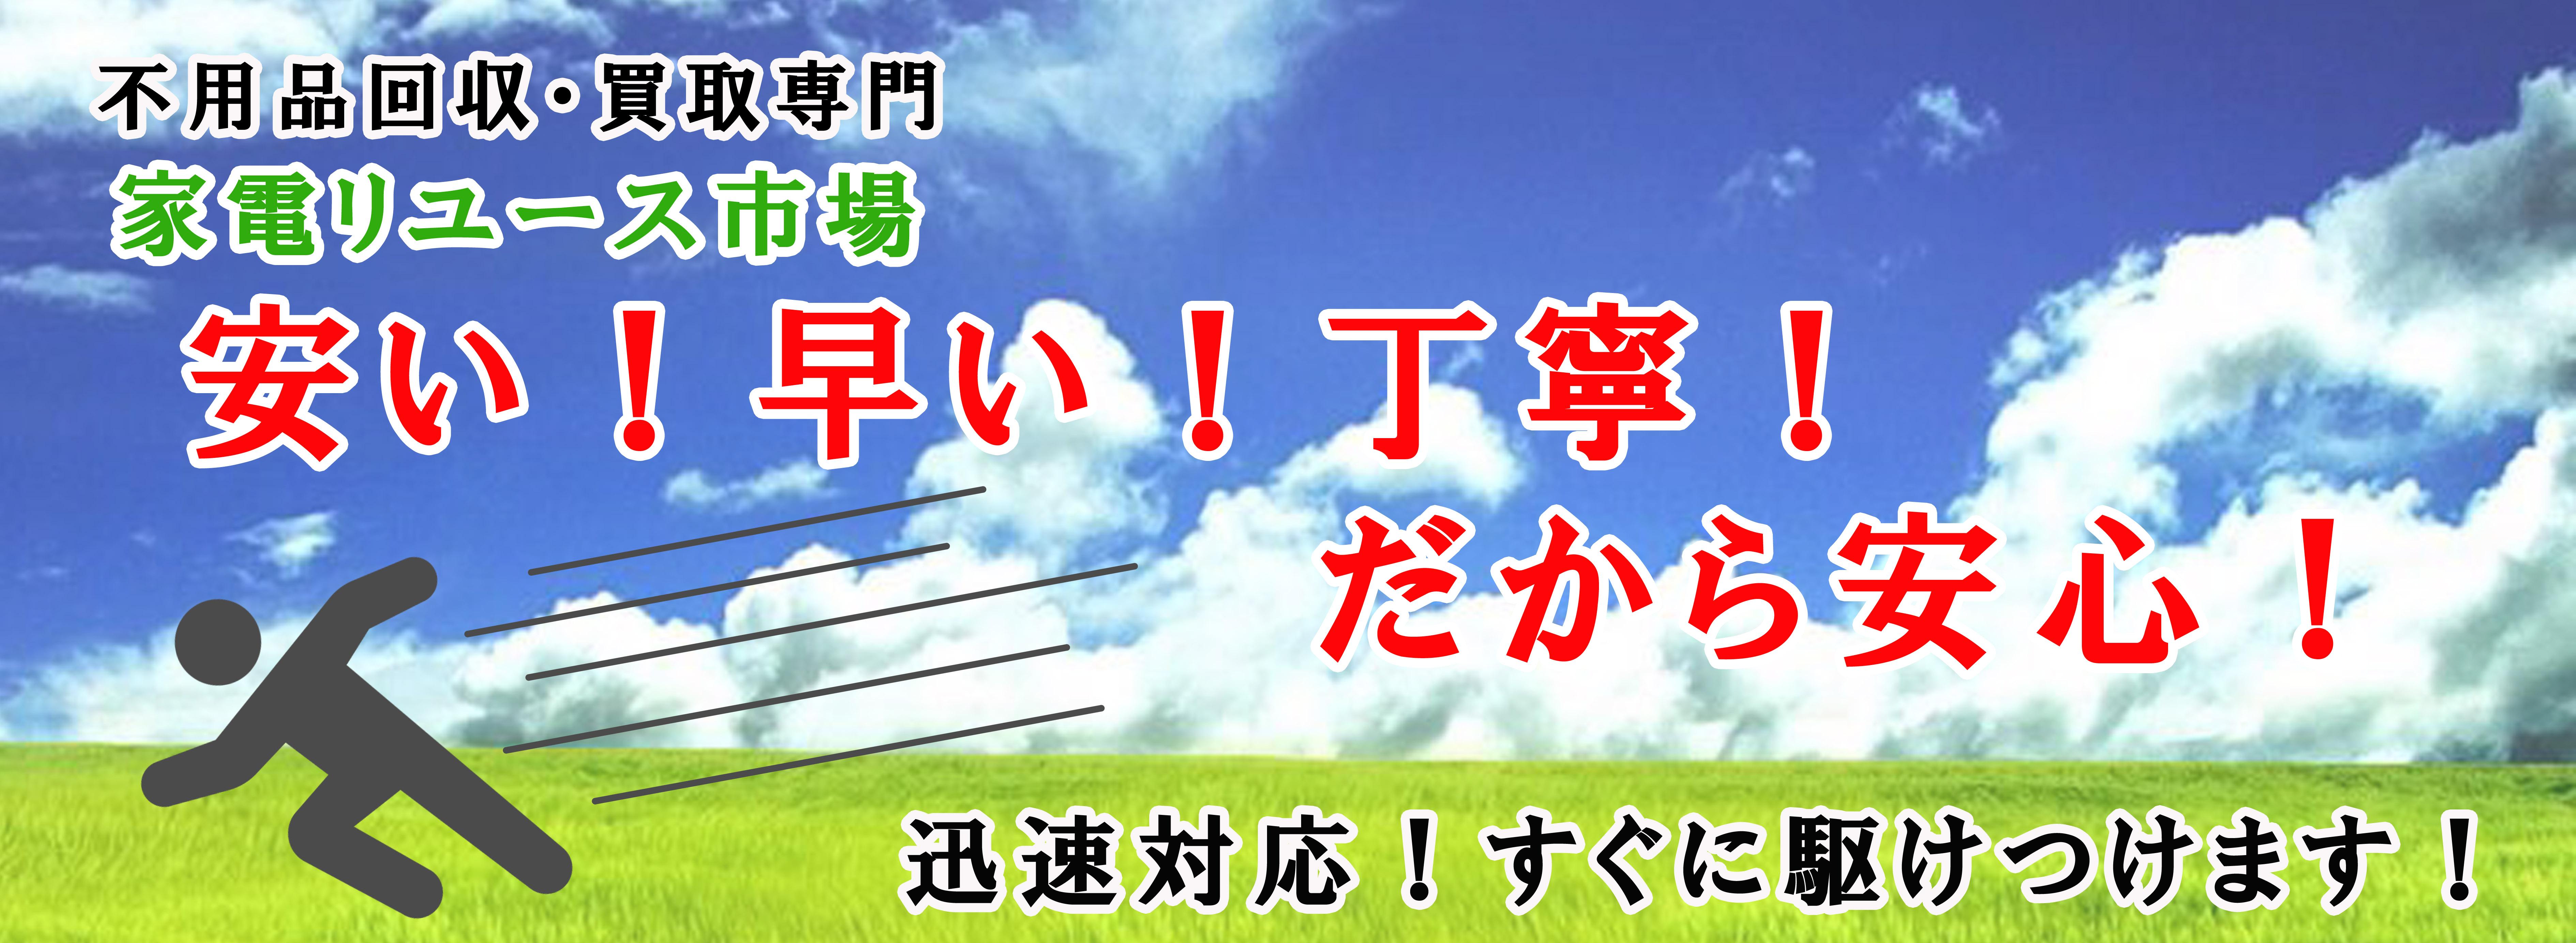 家電リユース市場 不用品回収・買取専門 愛知・名古屋・千種区TOPバナー